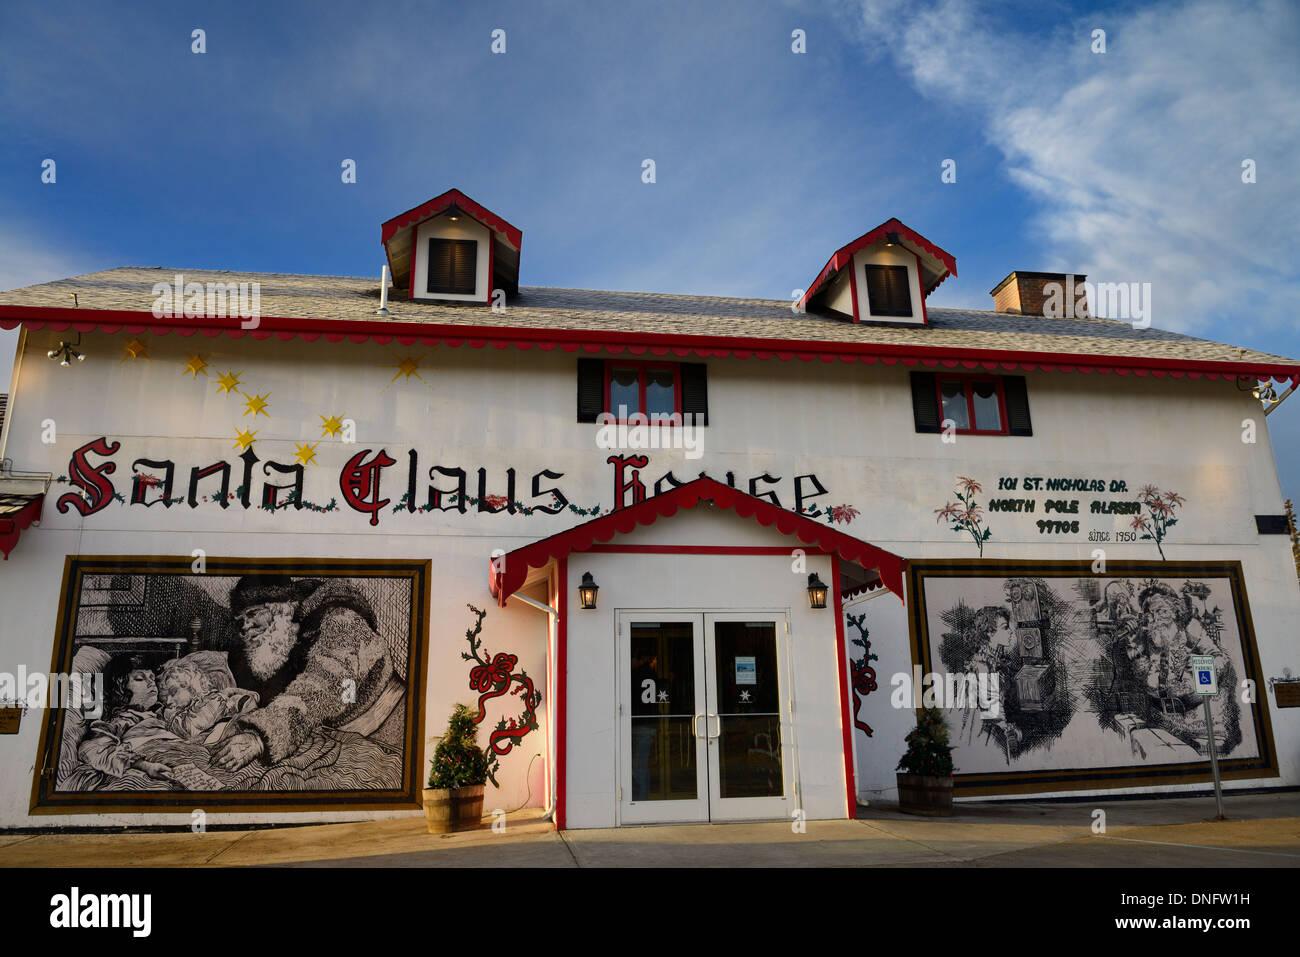 The original Santa Claus House at SantaLand North Pole Alaska USA - Stock Image